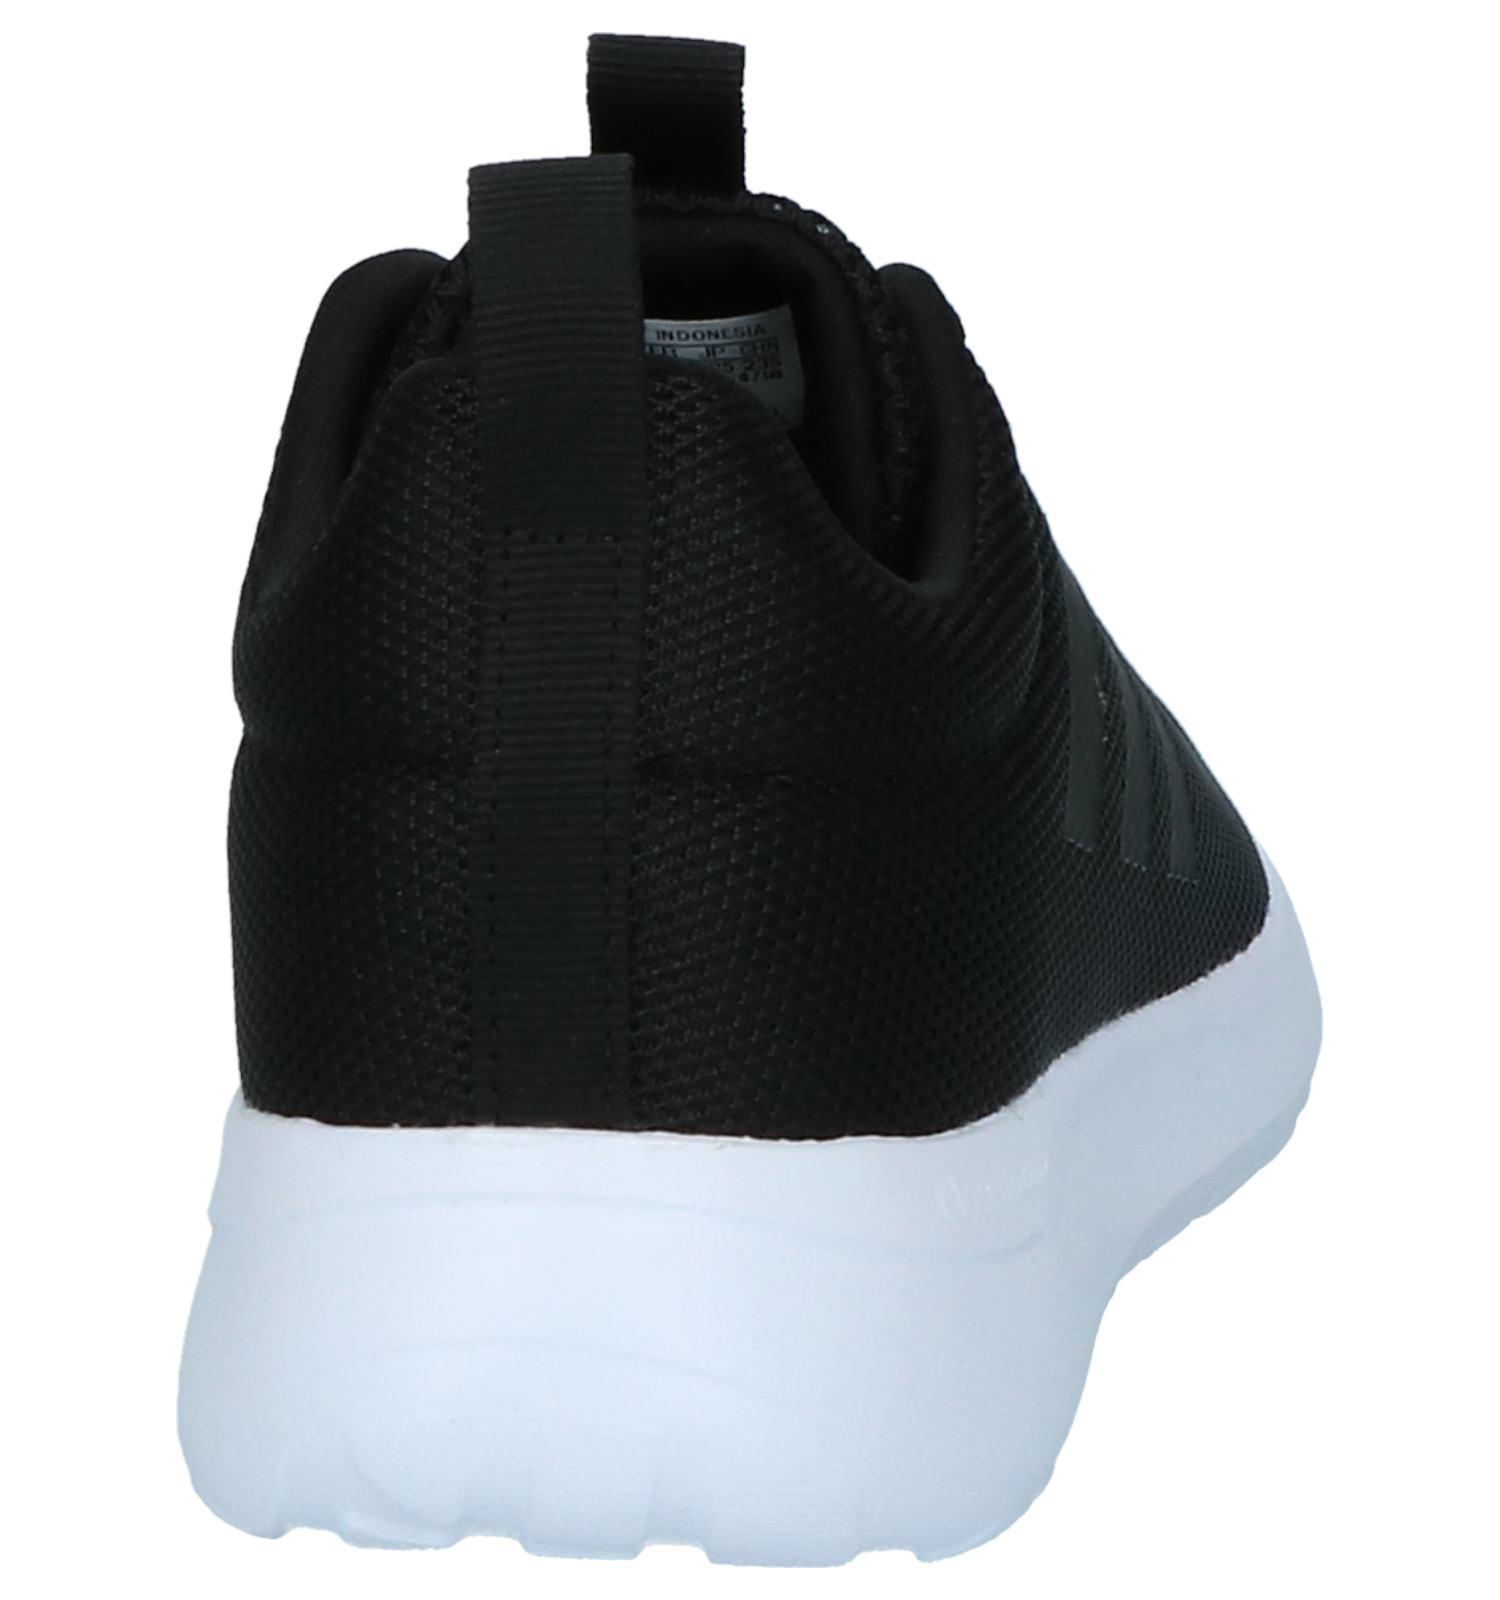 adidas Lite Racer Sneakers Zwart   SCHOENENTORFS.NL   Gratis